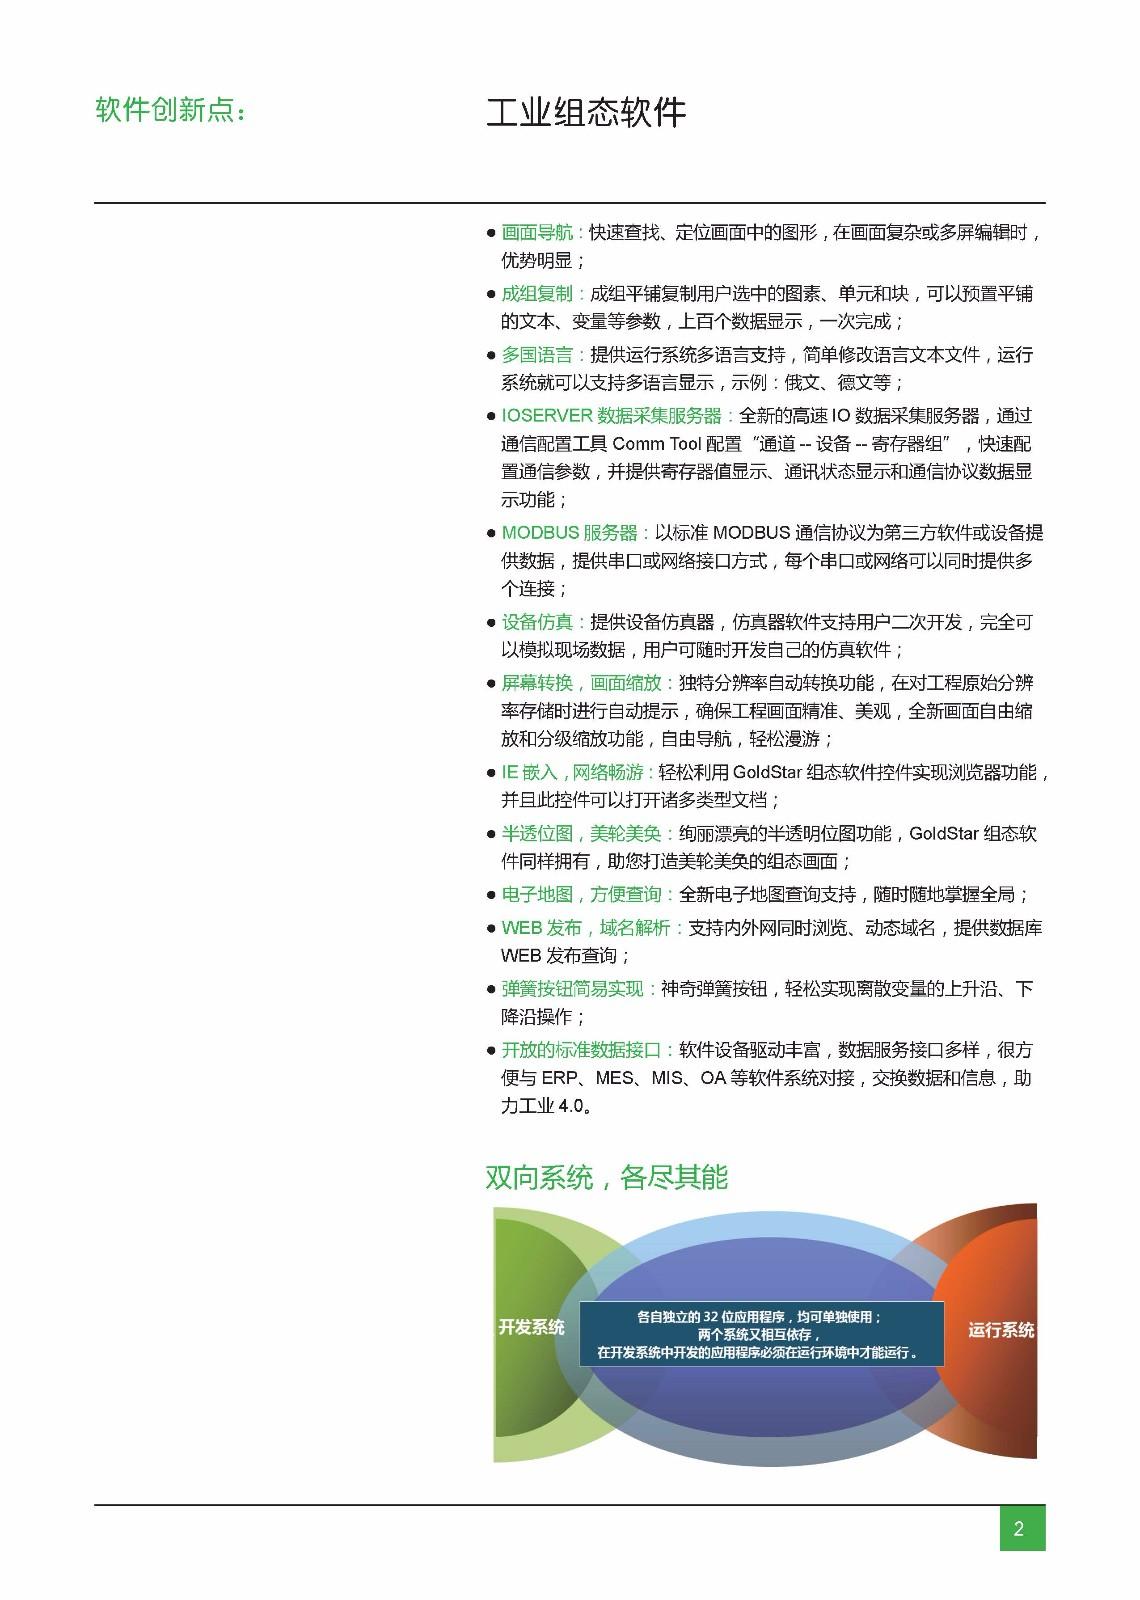 纯组态软件产品介绍_页面_2.jpg